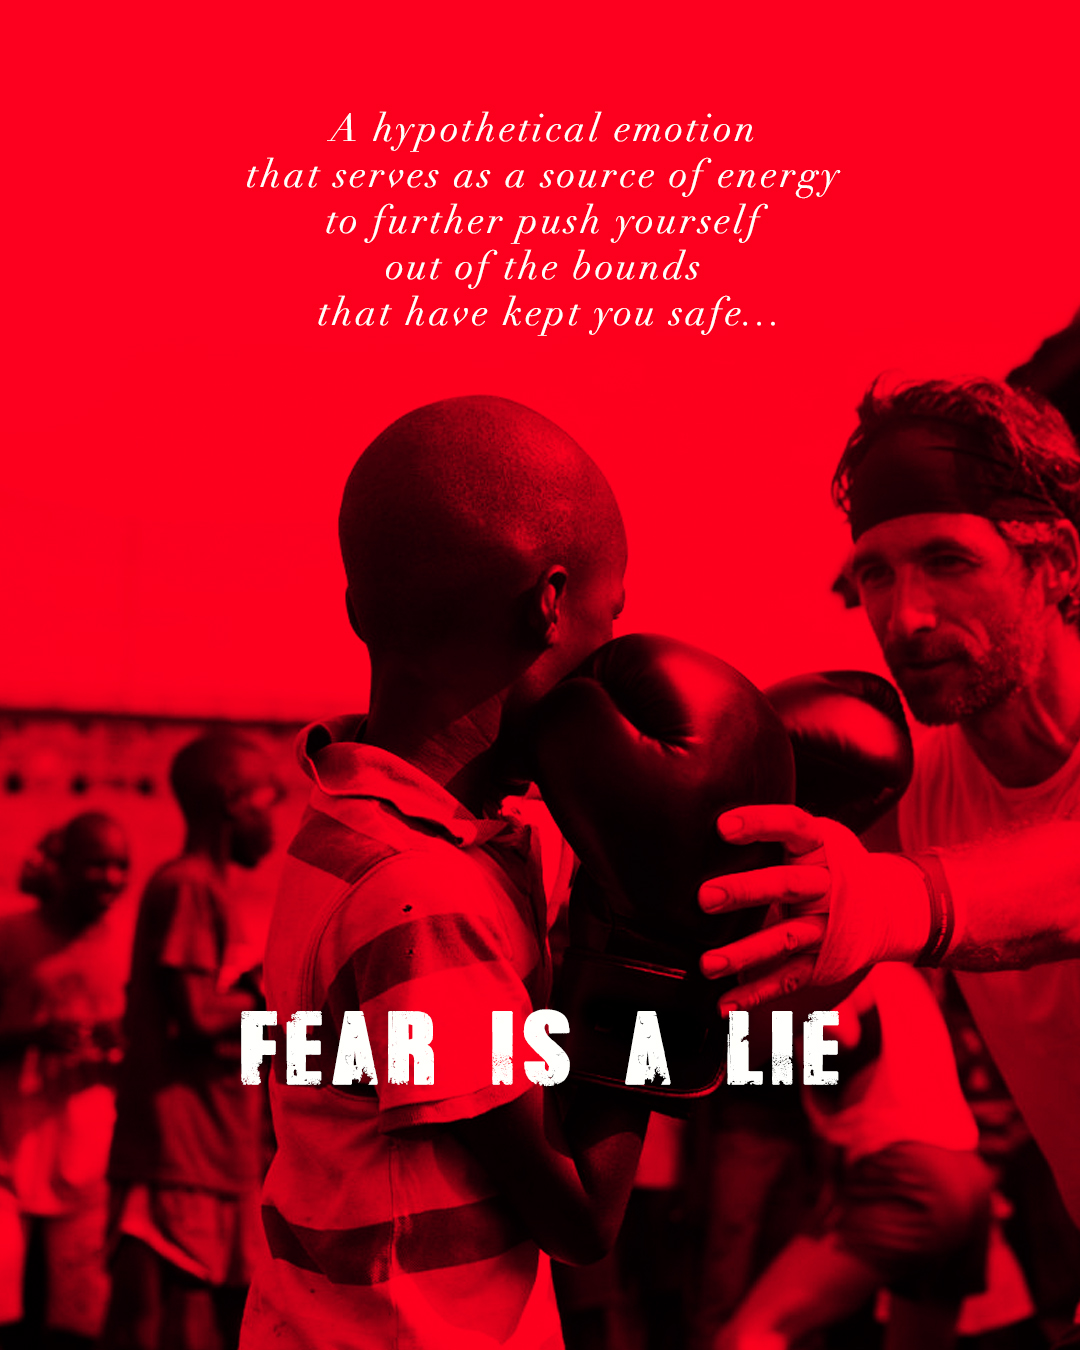 fear_is_a_lie_post5.jpg